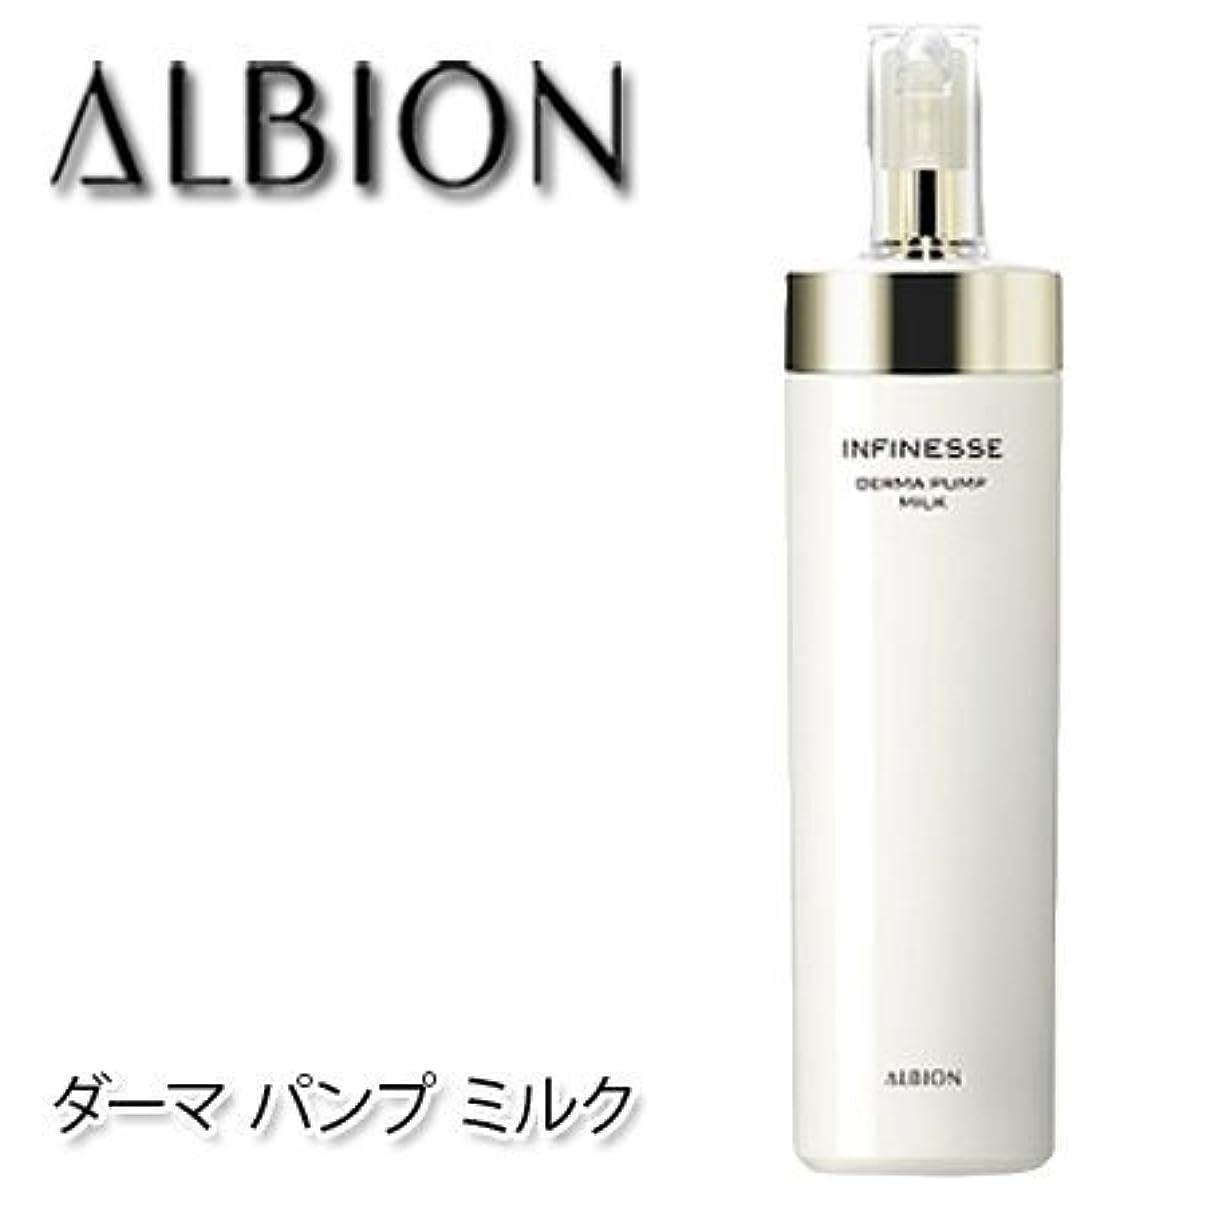 シェアアレイ方法アルビオン アンフィネス ダーマ パンプ ミルク 200g-ALBION-